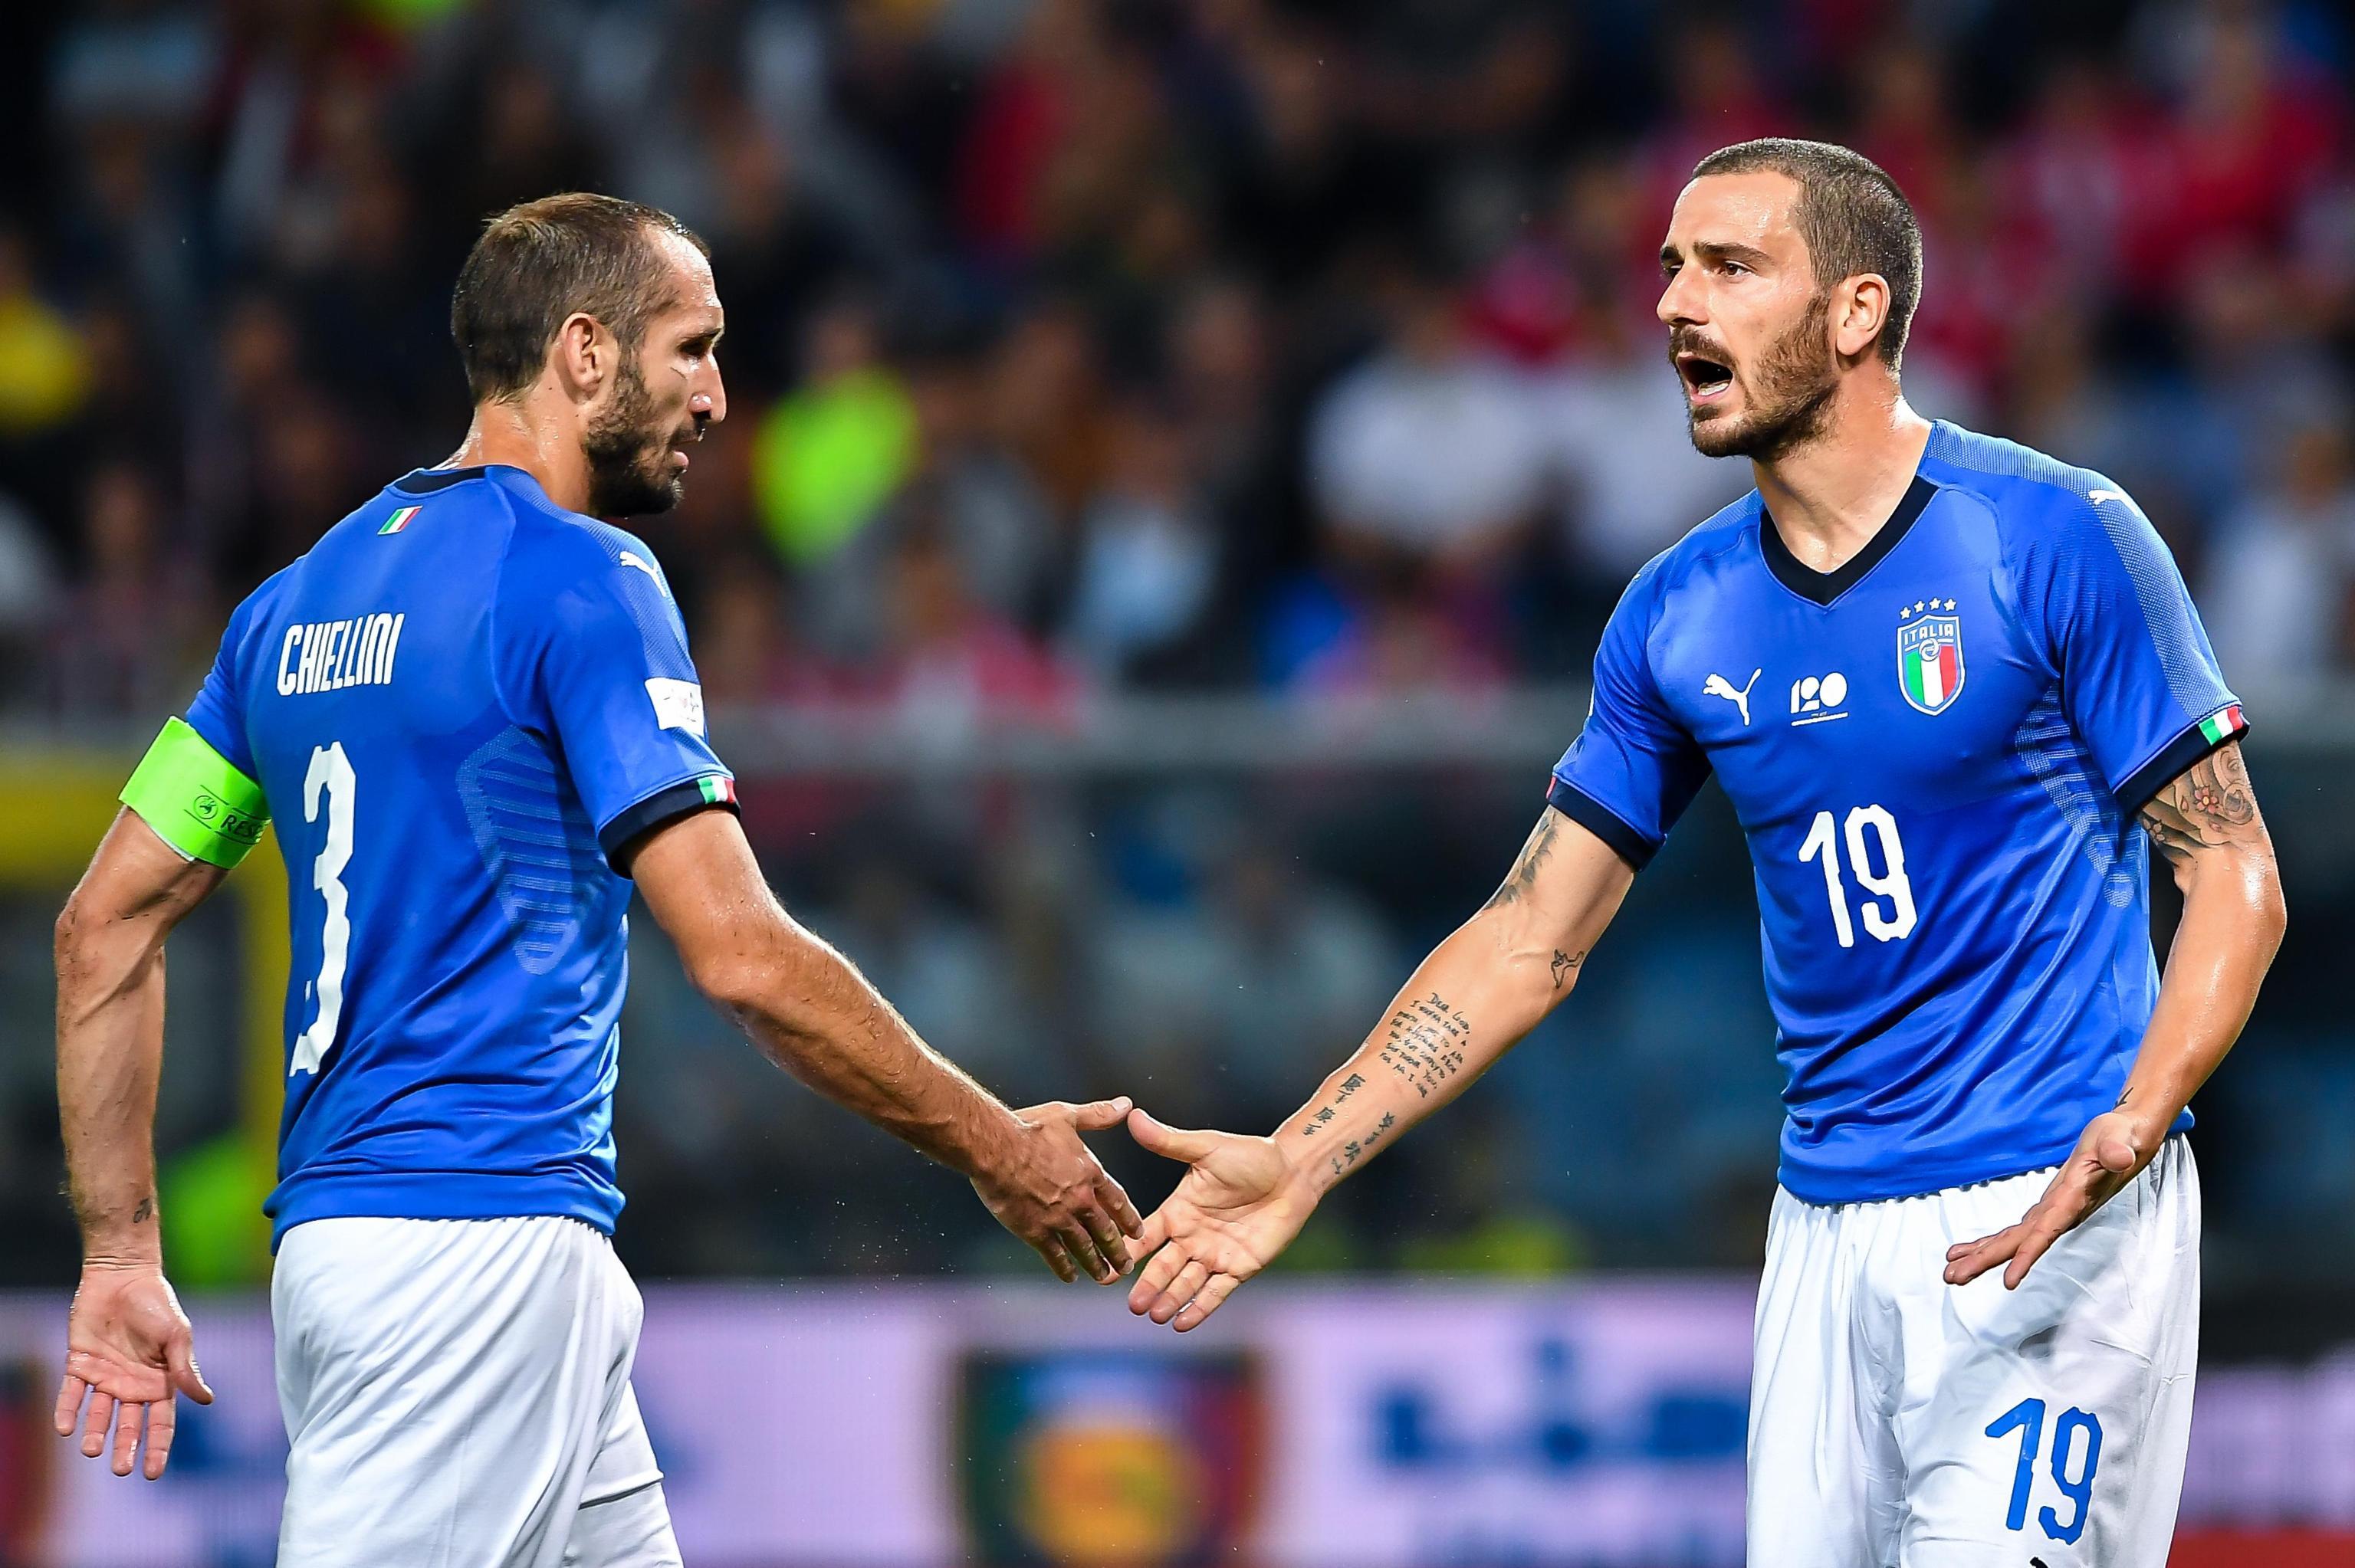 Швидкість, центр поля та оборони та істерика щодо Стерлінга. П'ять переваг збірної Італії перед фіналом Євро-2020 - изображение 3